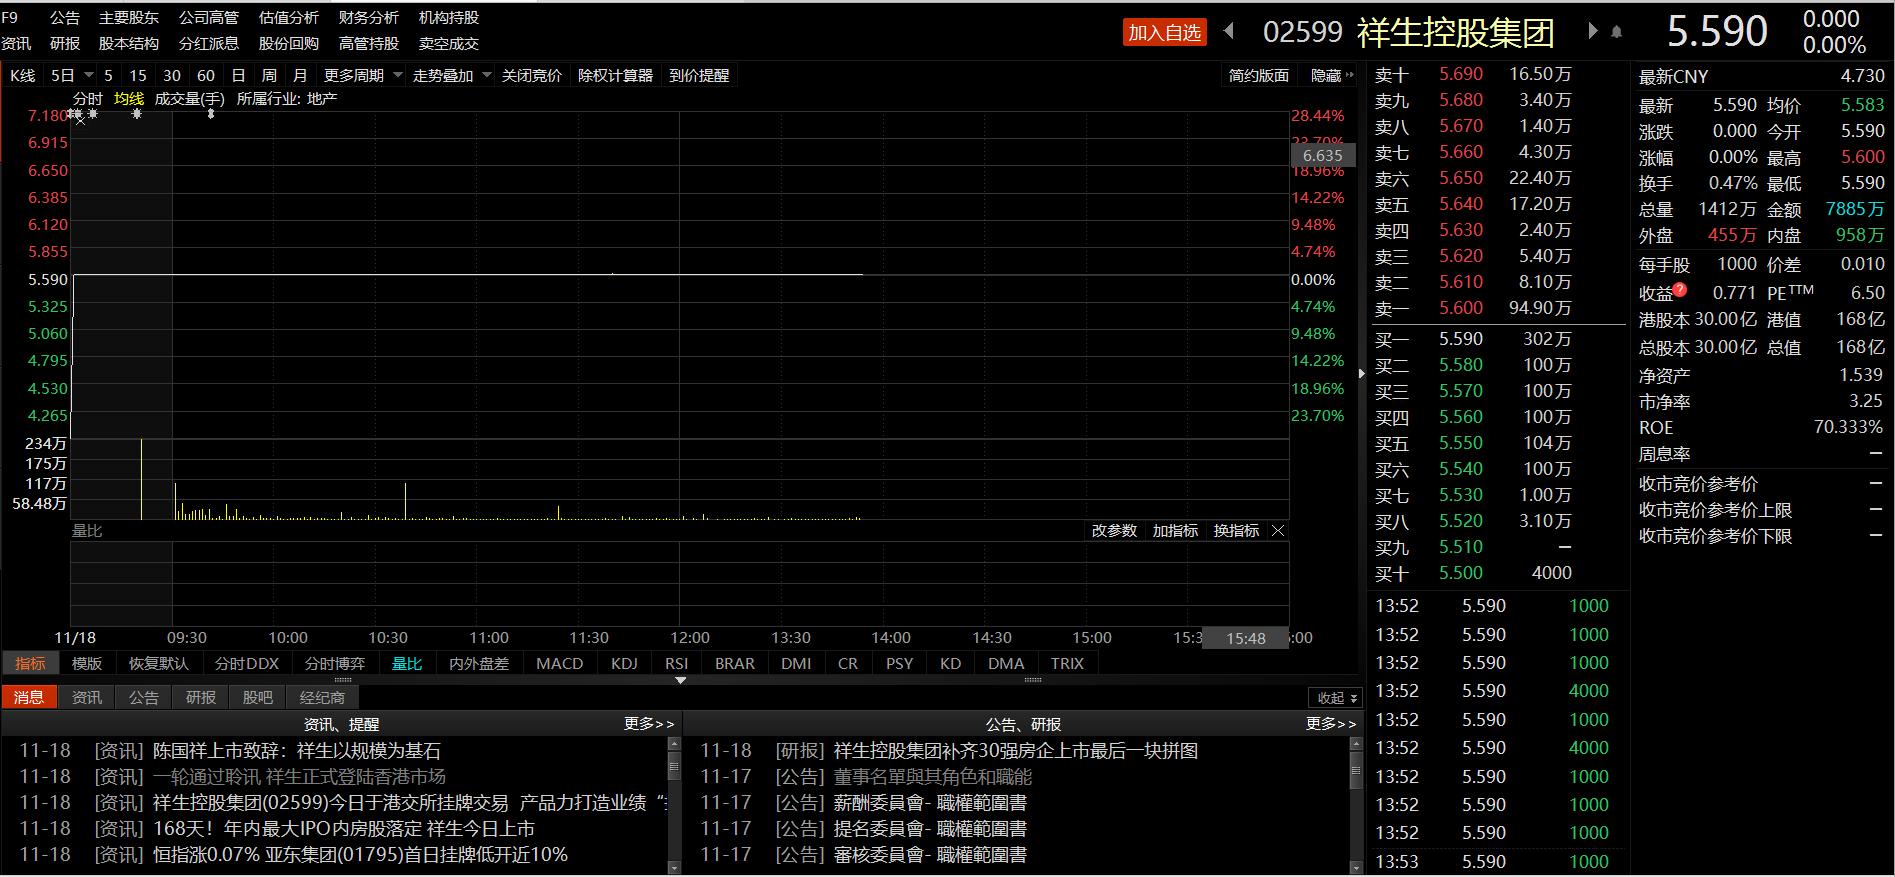 港股IPO|祥生控股集团今日挂牌上市,总市值达168亿港元